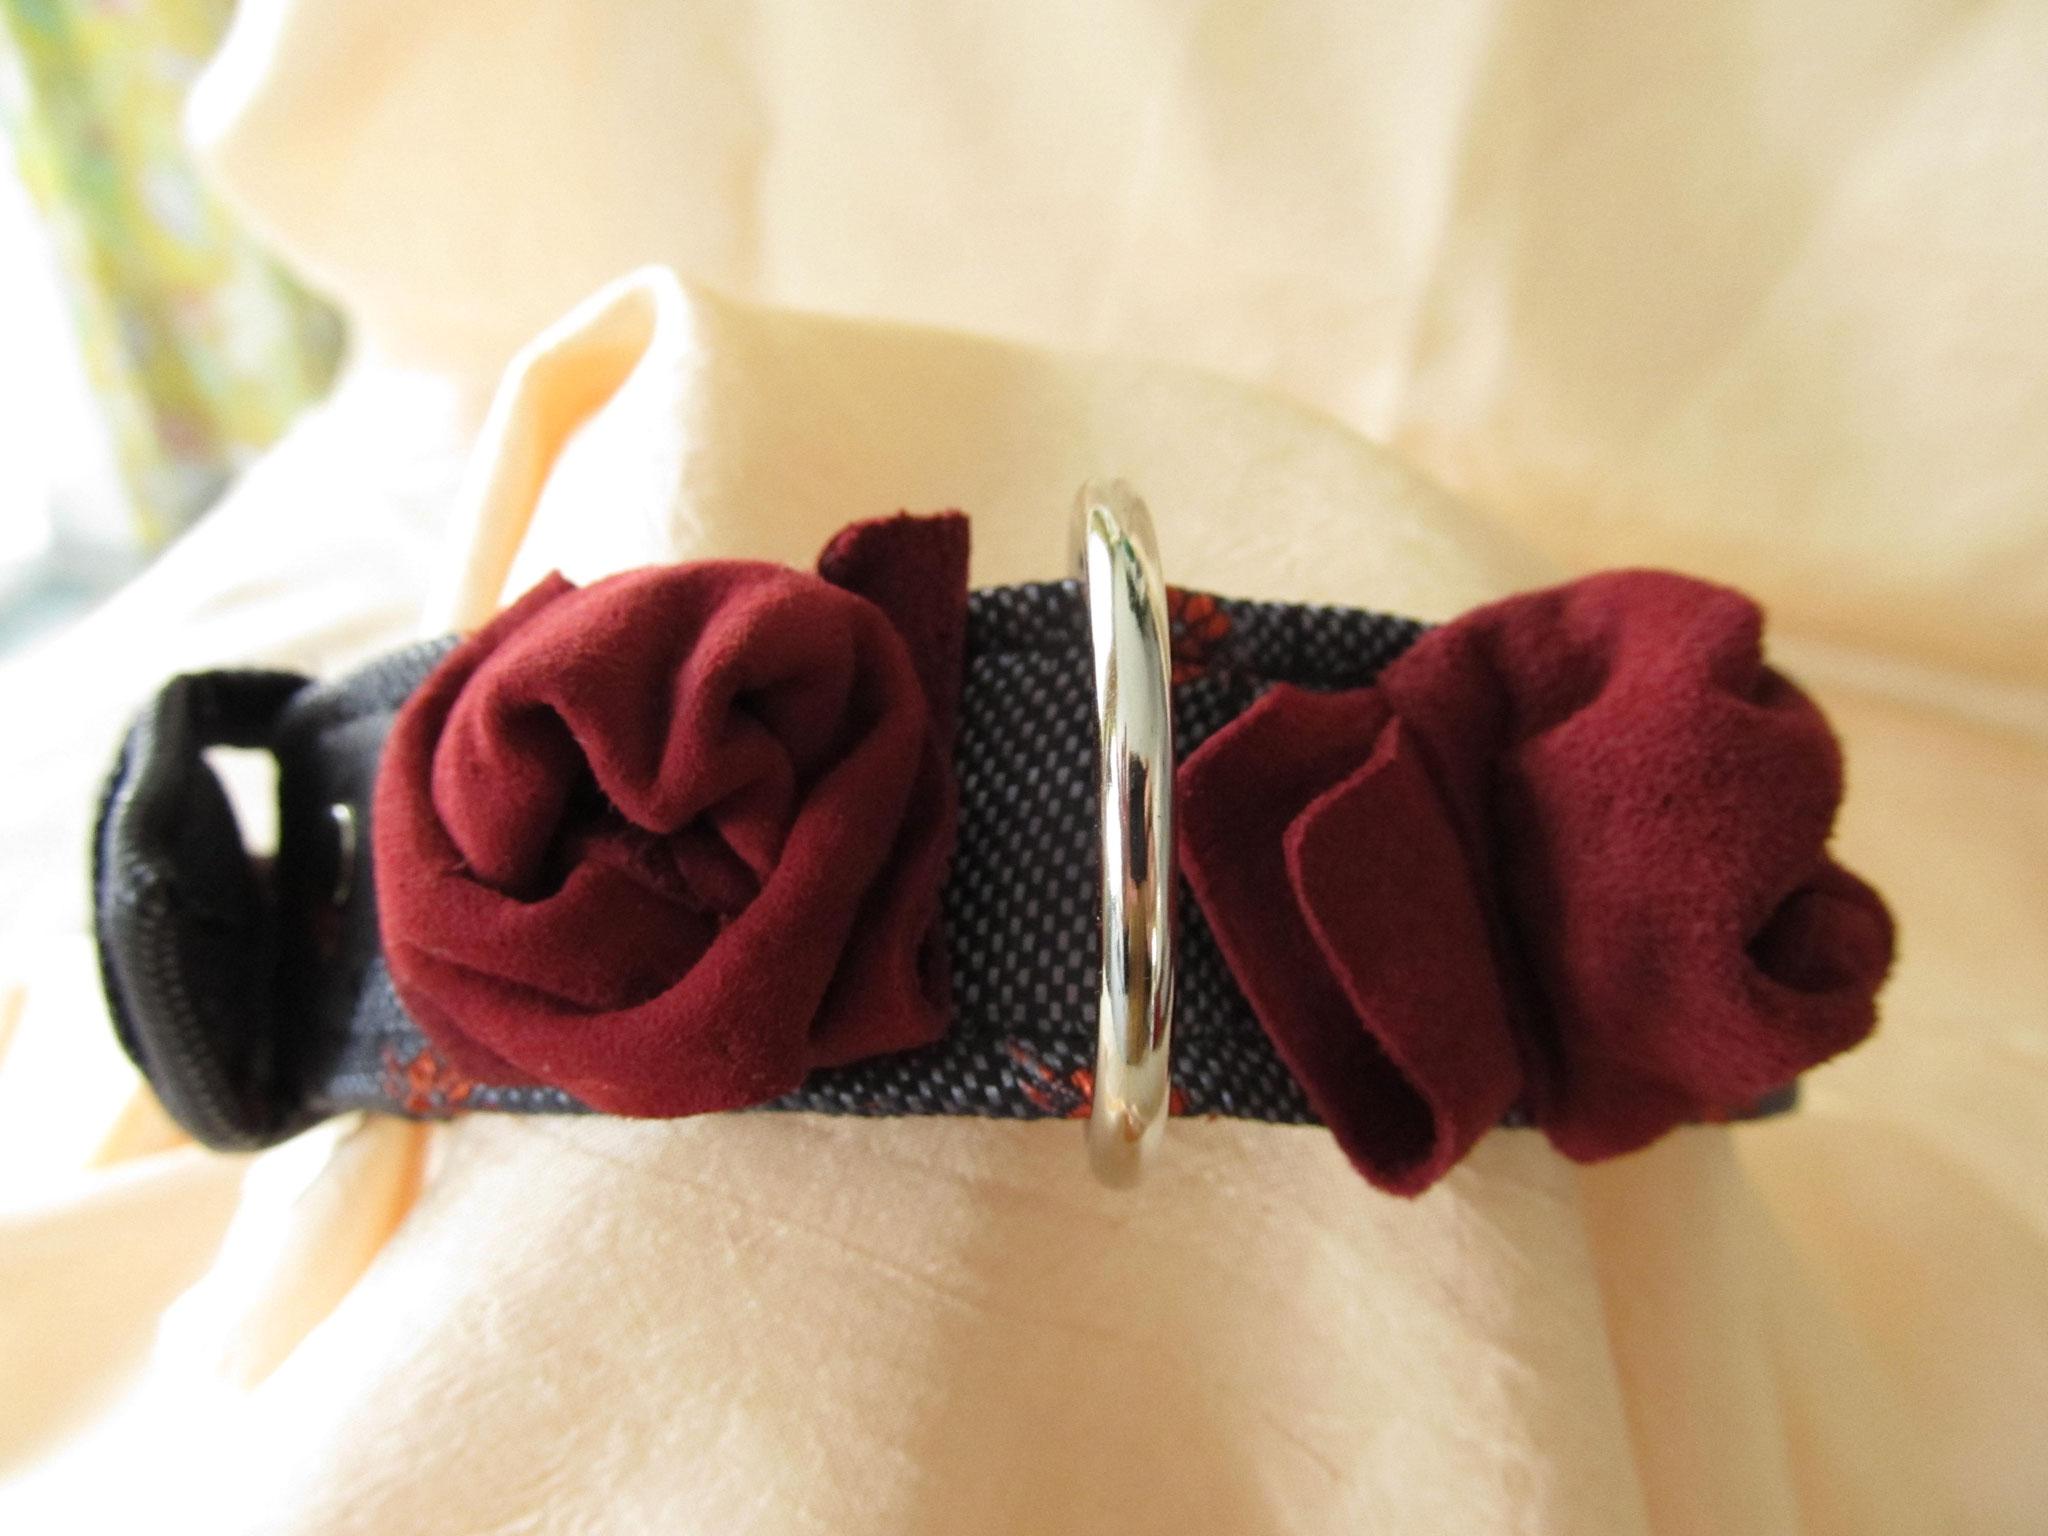 Trachtenhalsband mit Lederblümchen und Herznieten, Breite 3 cm, Halsumfang 34 cm, Preis 51,00 €